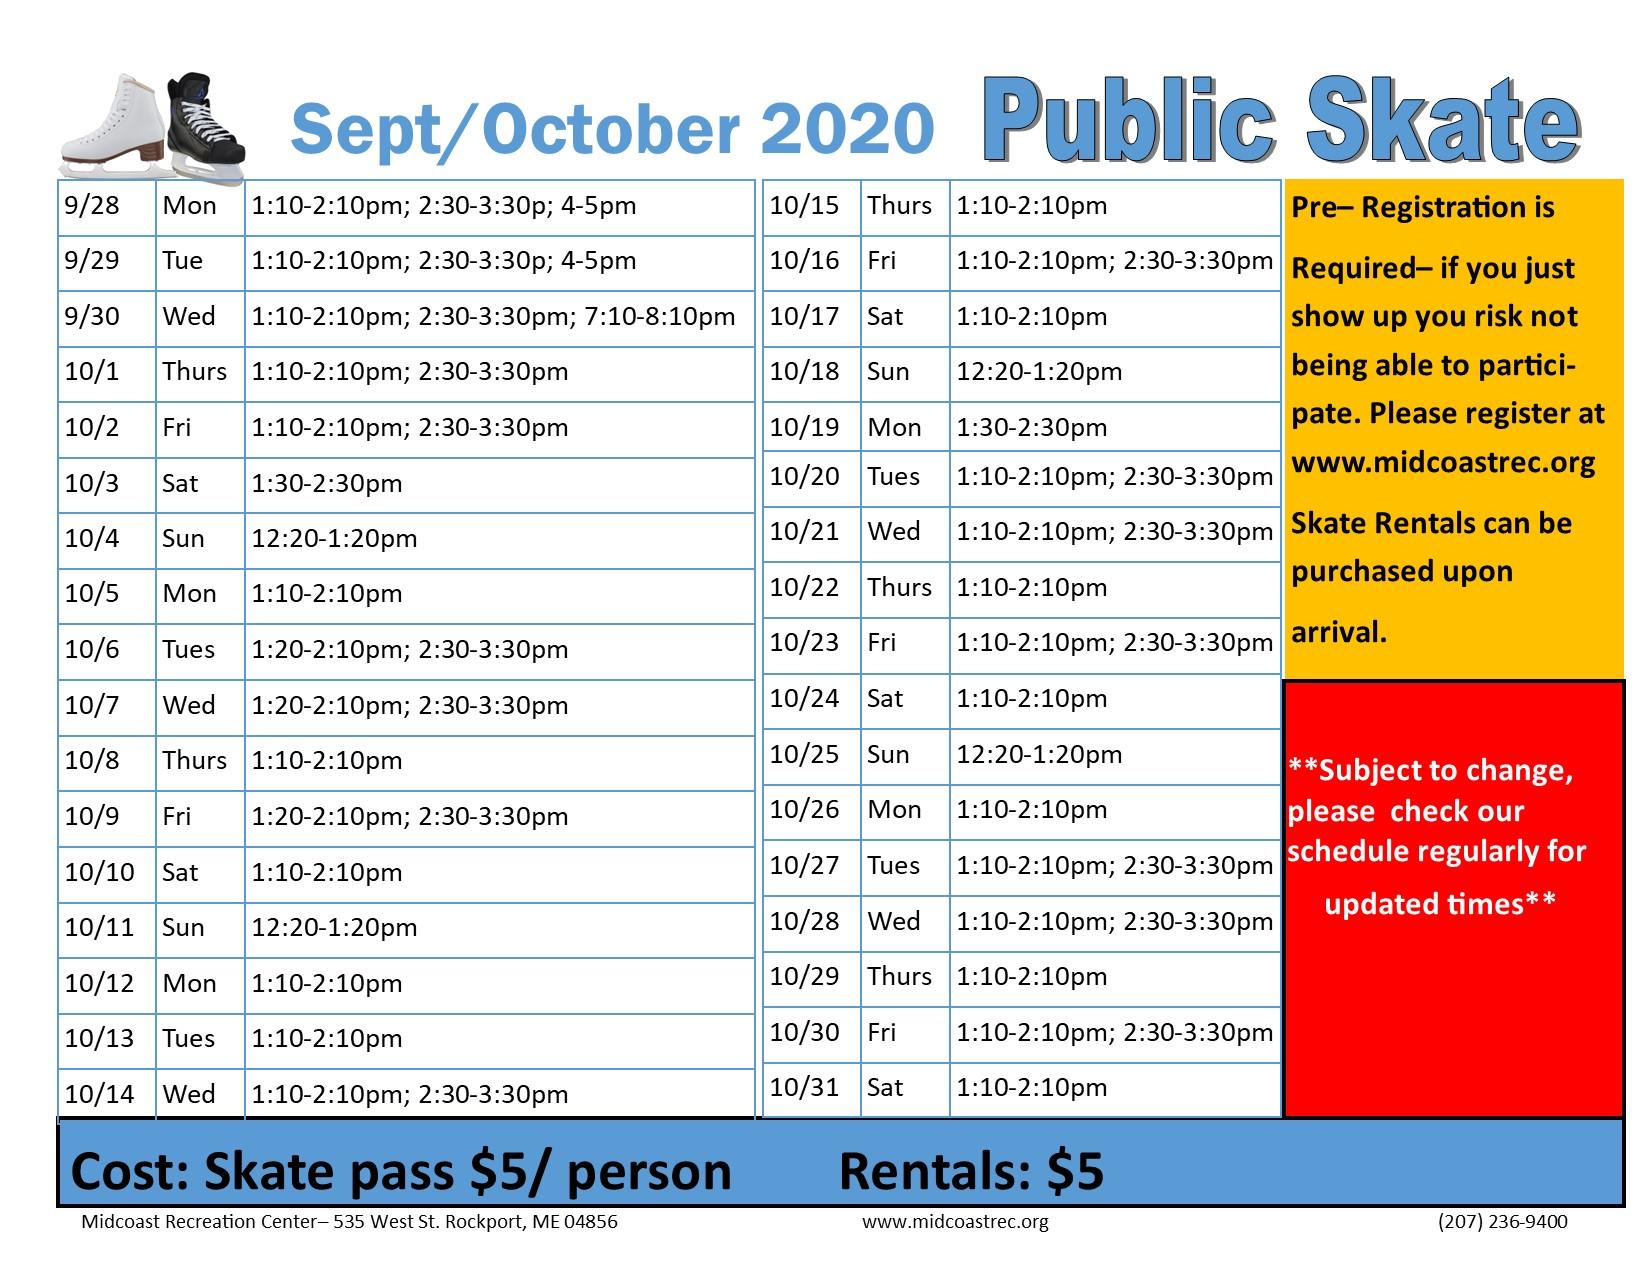 October 2020 public skate